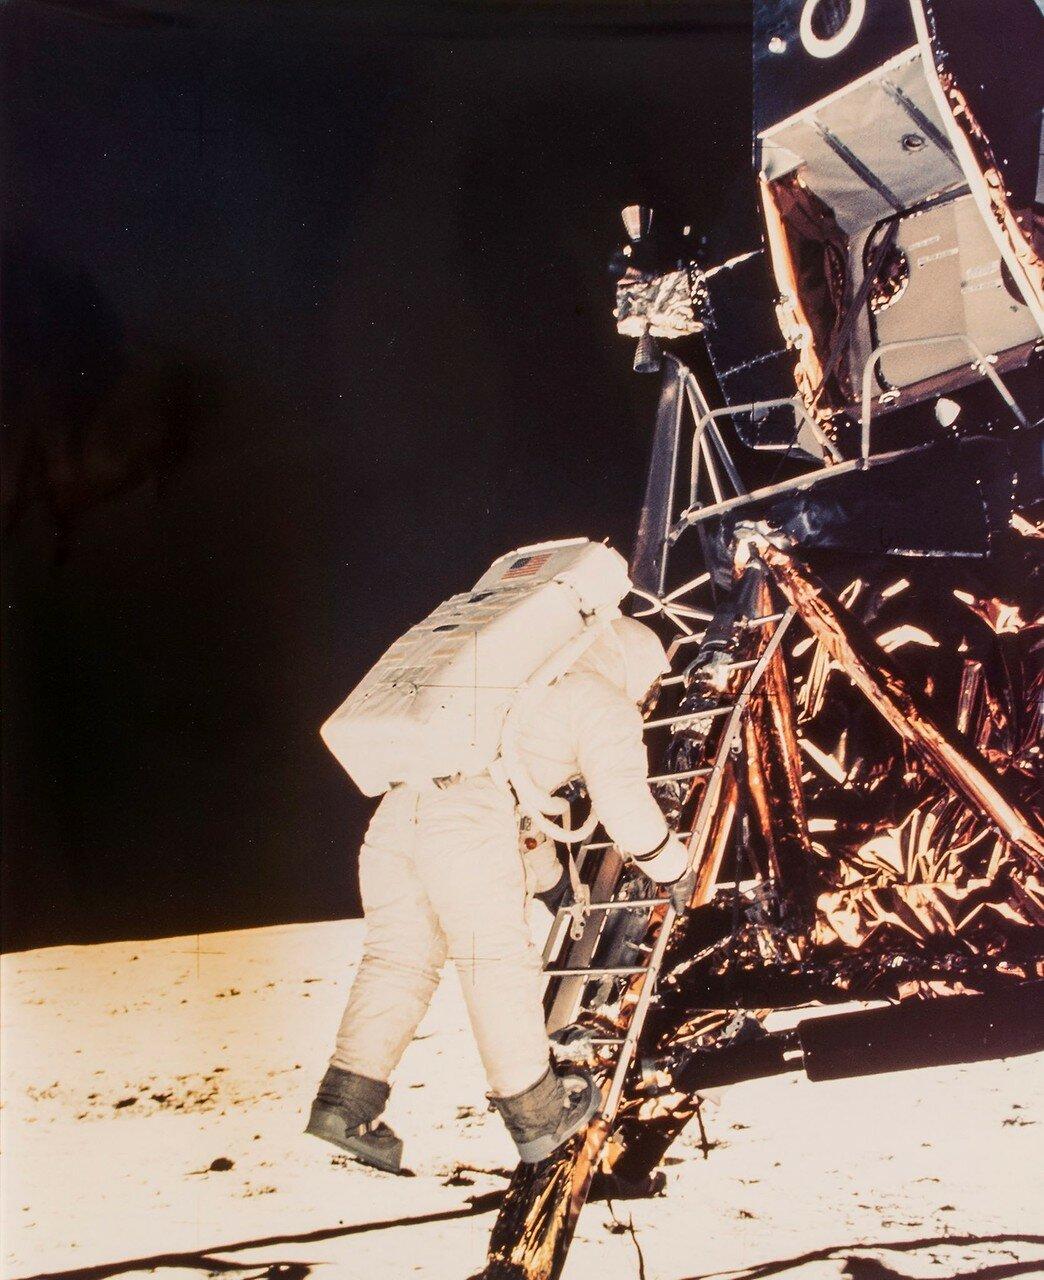 Это произошло в 109 часов 24 минуты 20 секунд полётного времени, или в 02 часа 56 минут 15 секунд UTC 21 июля 1969 года. На снимке: Базз Олдрин вторым из людей вступает на поверхность Луны